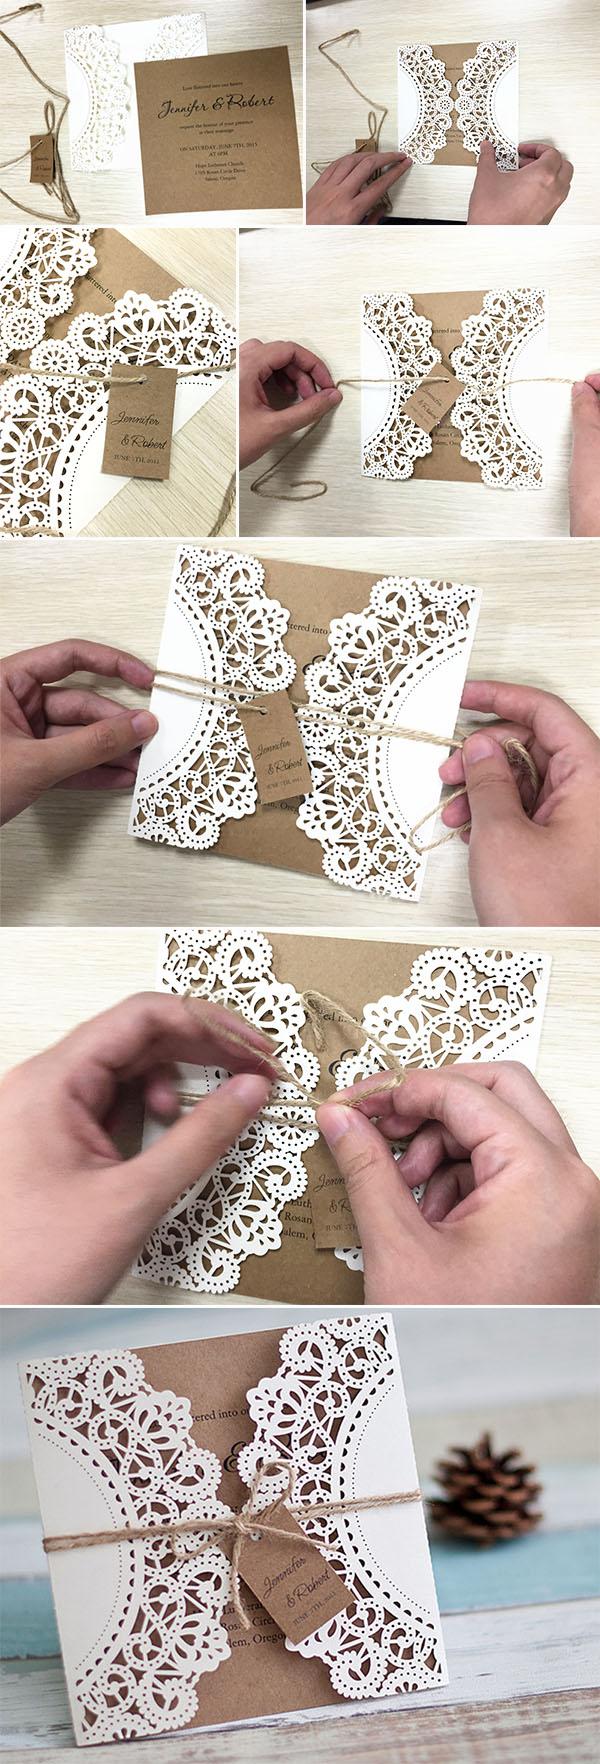 Wedding Dyi Ideas Diy Wedding Ideas 10 Perfect Ways To Use Paper For Weddings